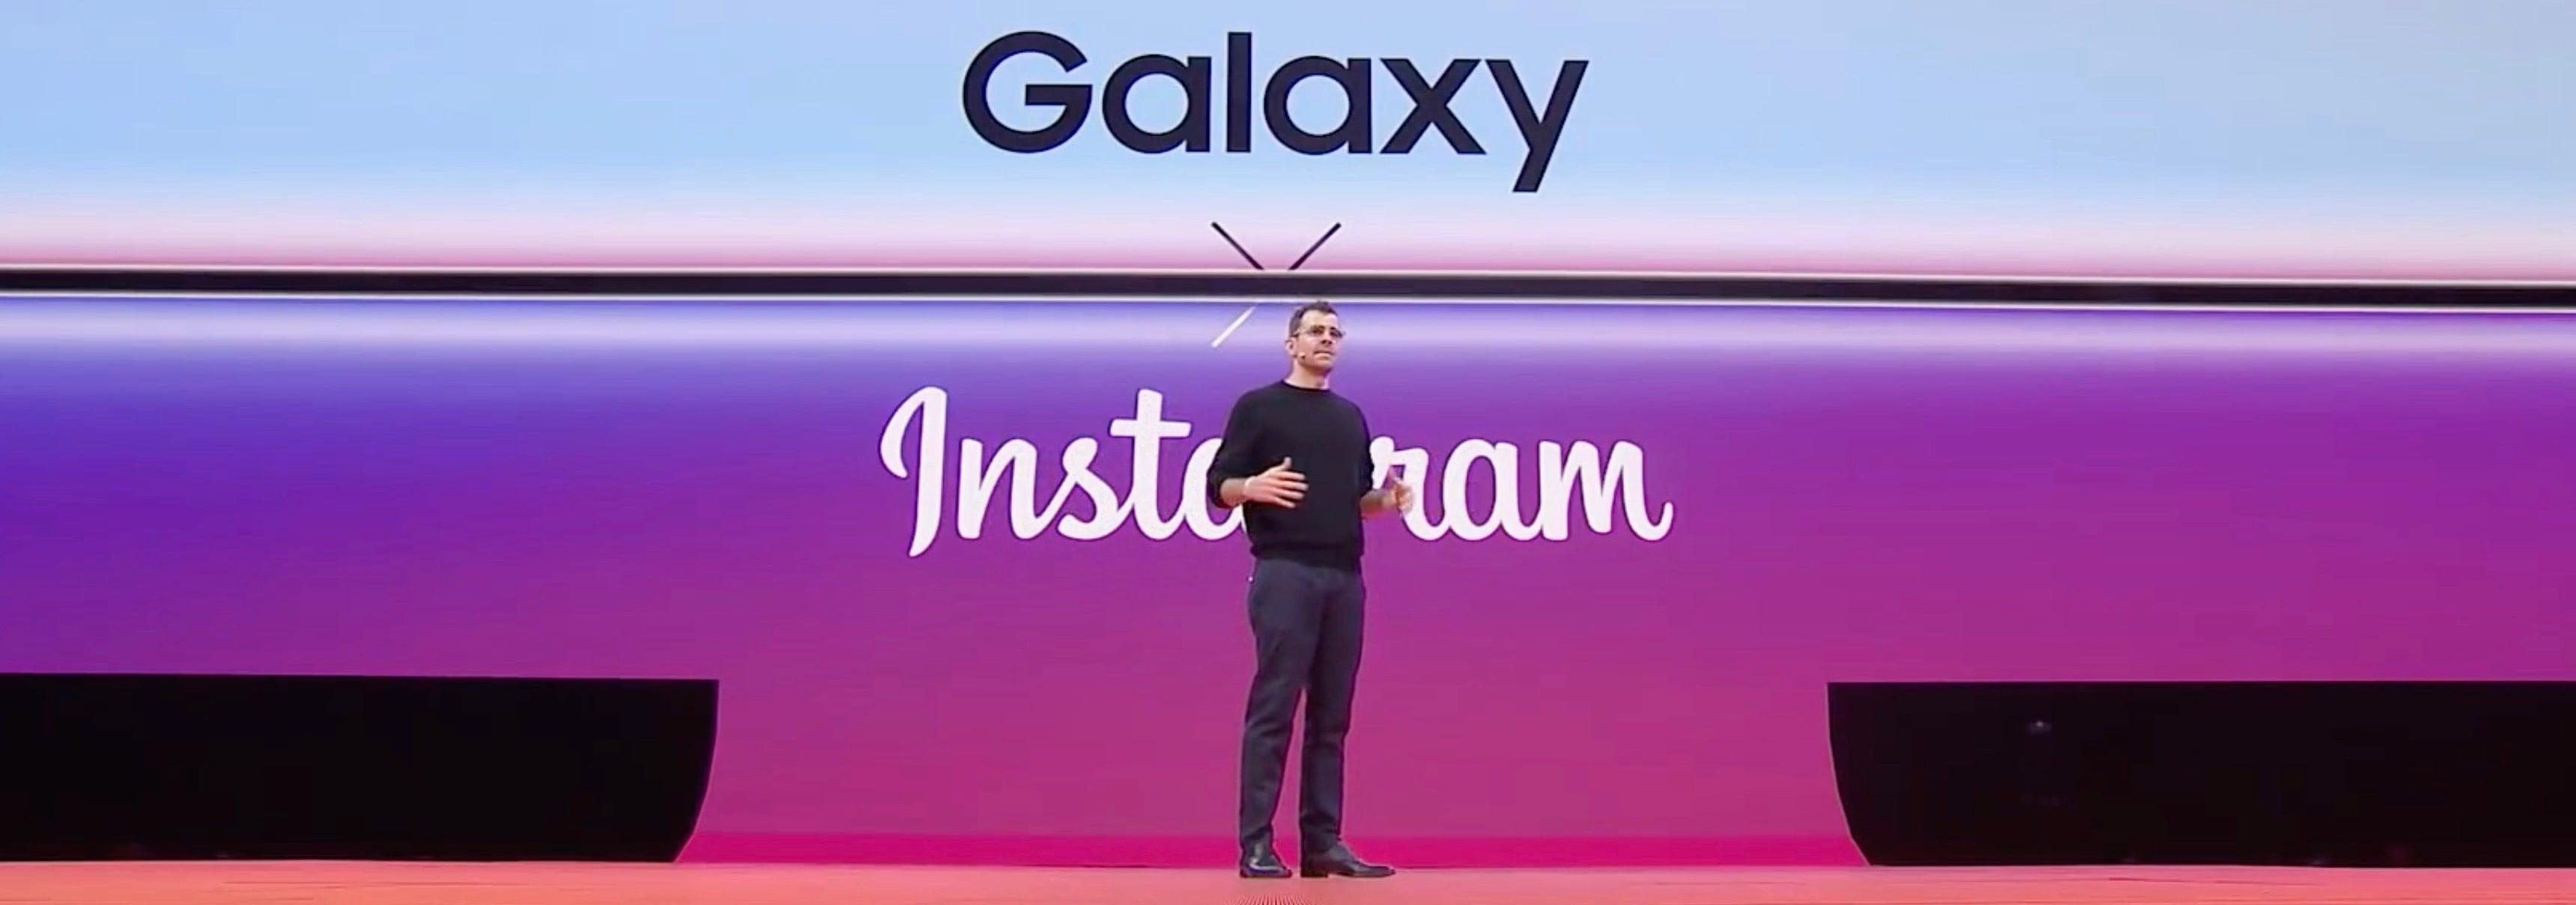 Aktualizacja Samsunga Galaxy S10 Plus - tryb Instagram i mapowanie przycisku Bixby